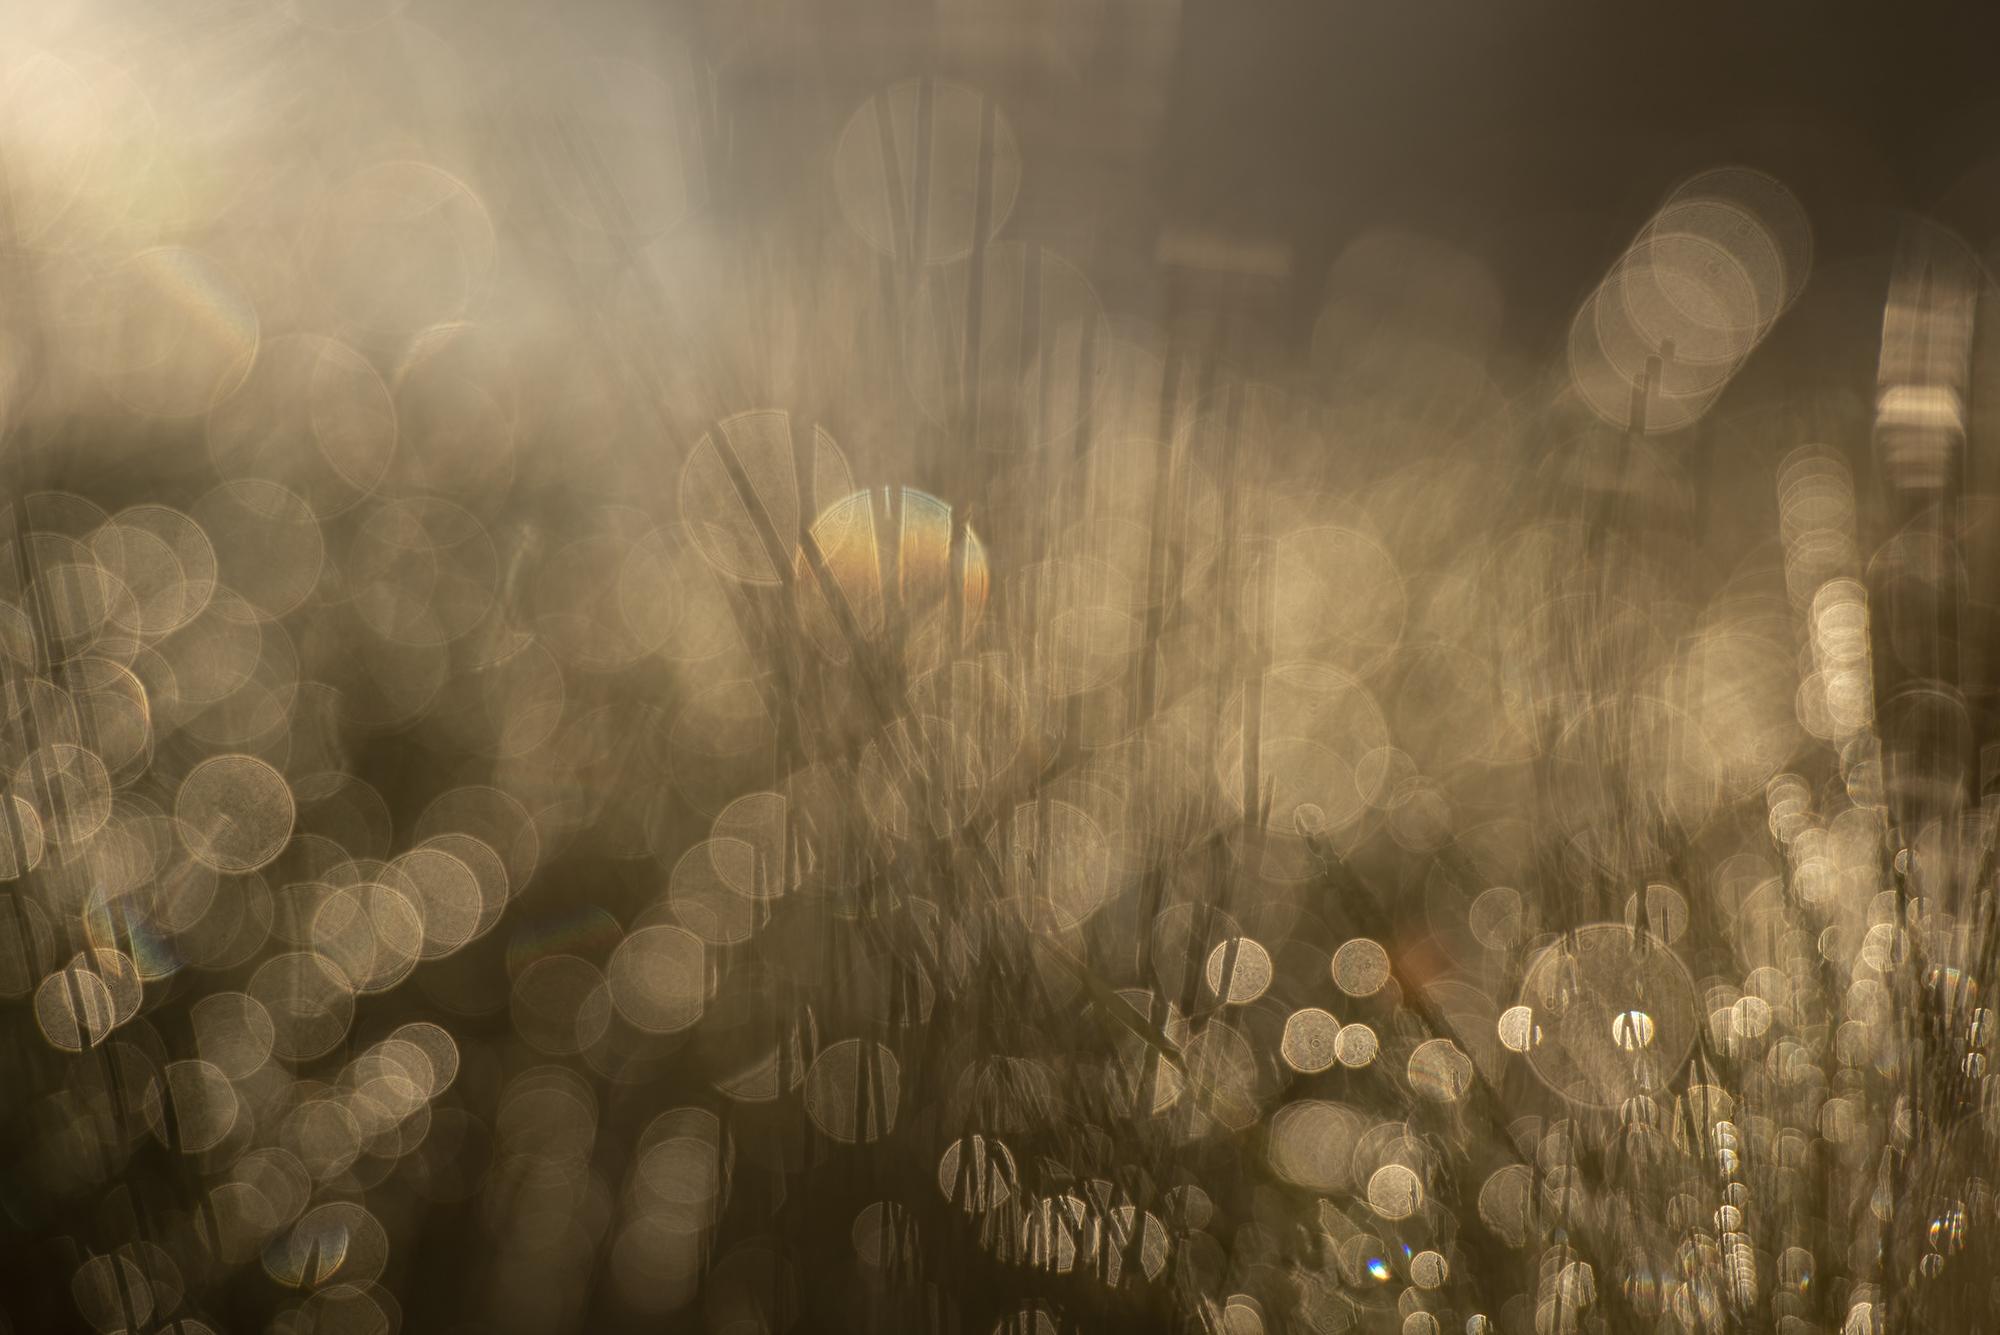 Dew On Reeds_DSC4353